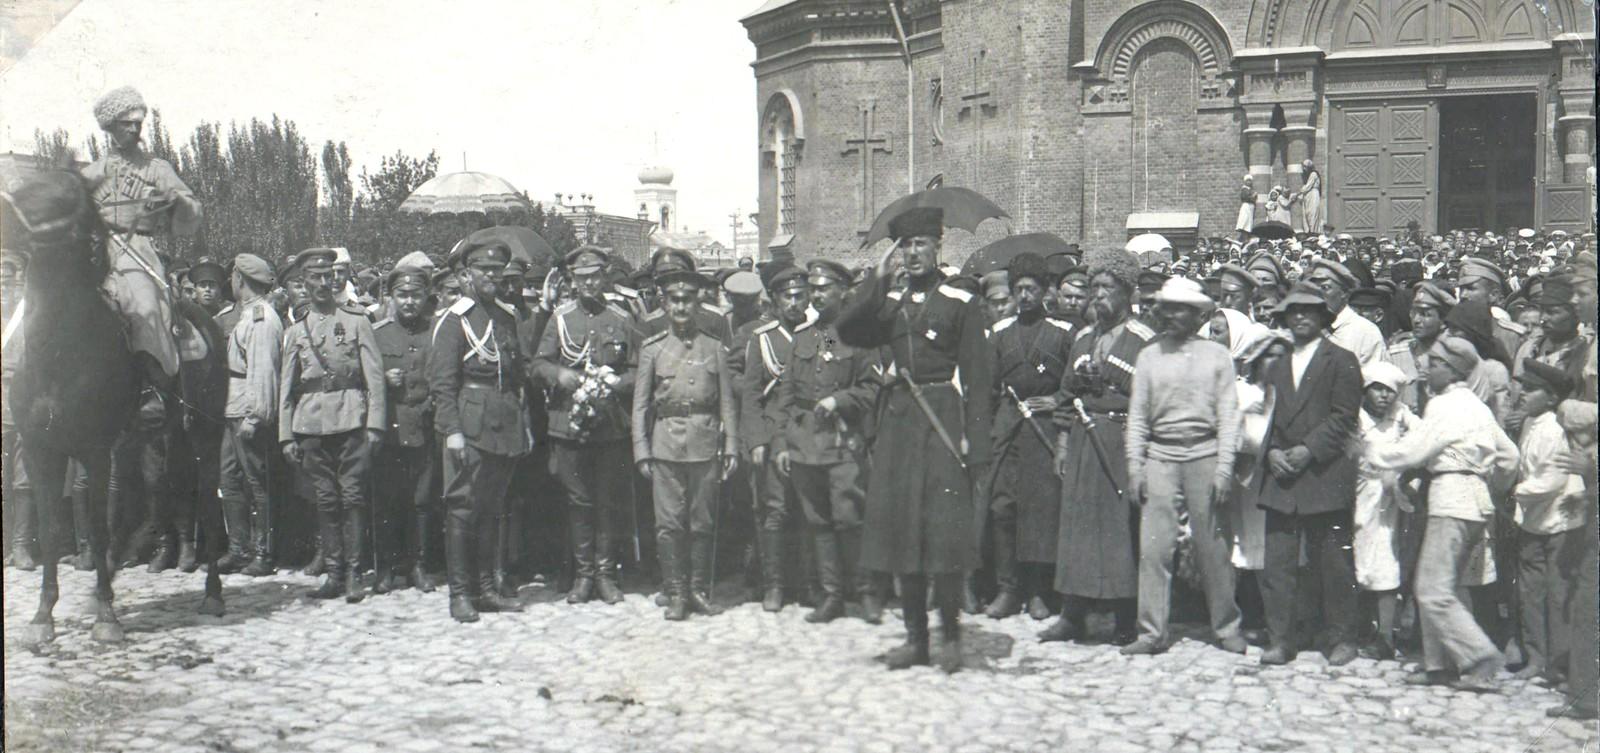 244. 1919. Царицын. П.Н. Врангель и ряды штаба Кавказской армии выходят на парад